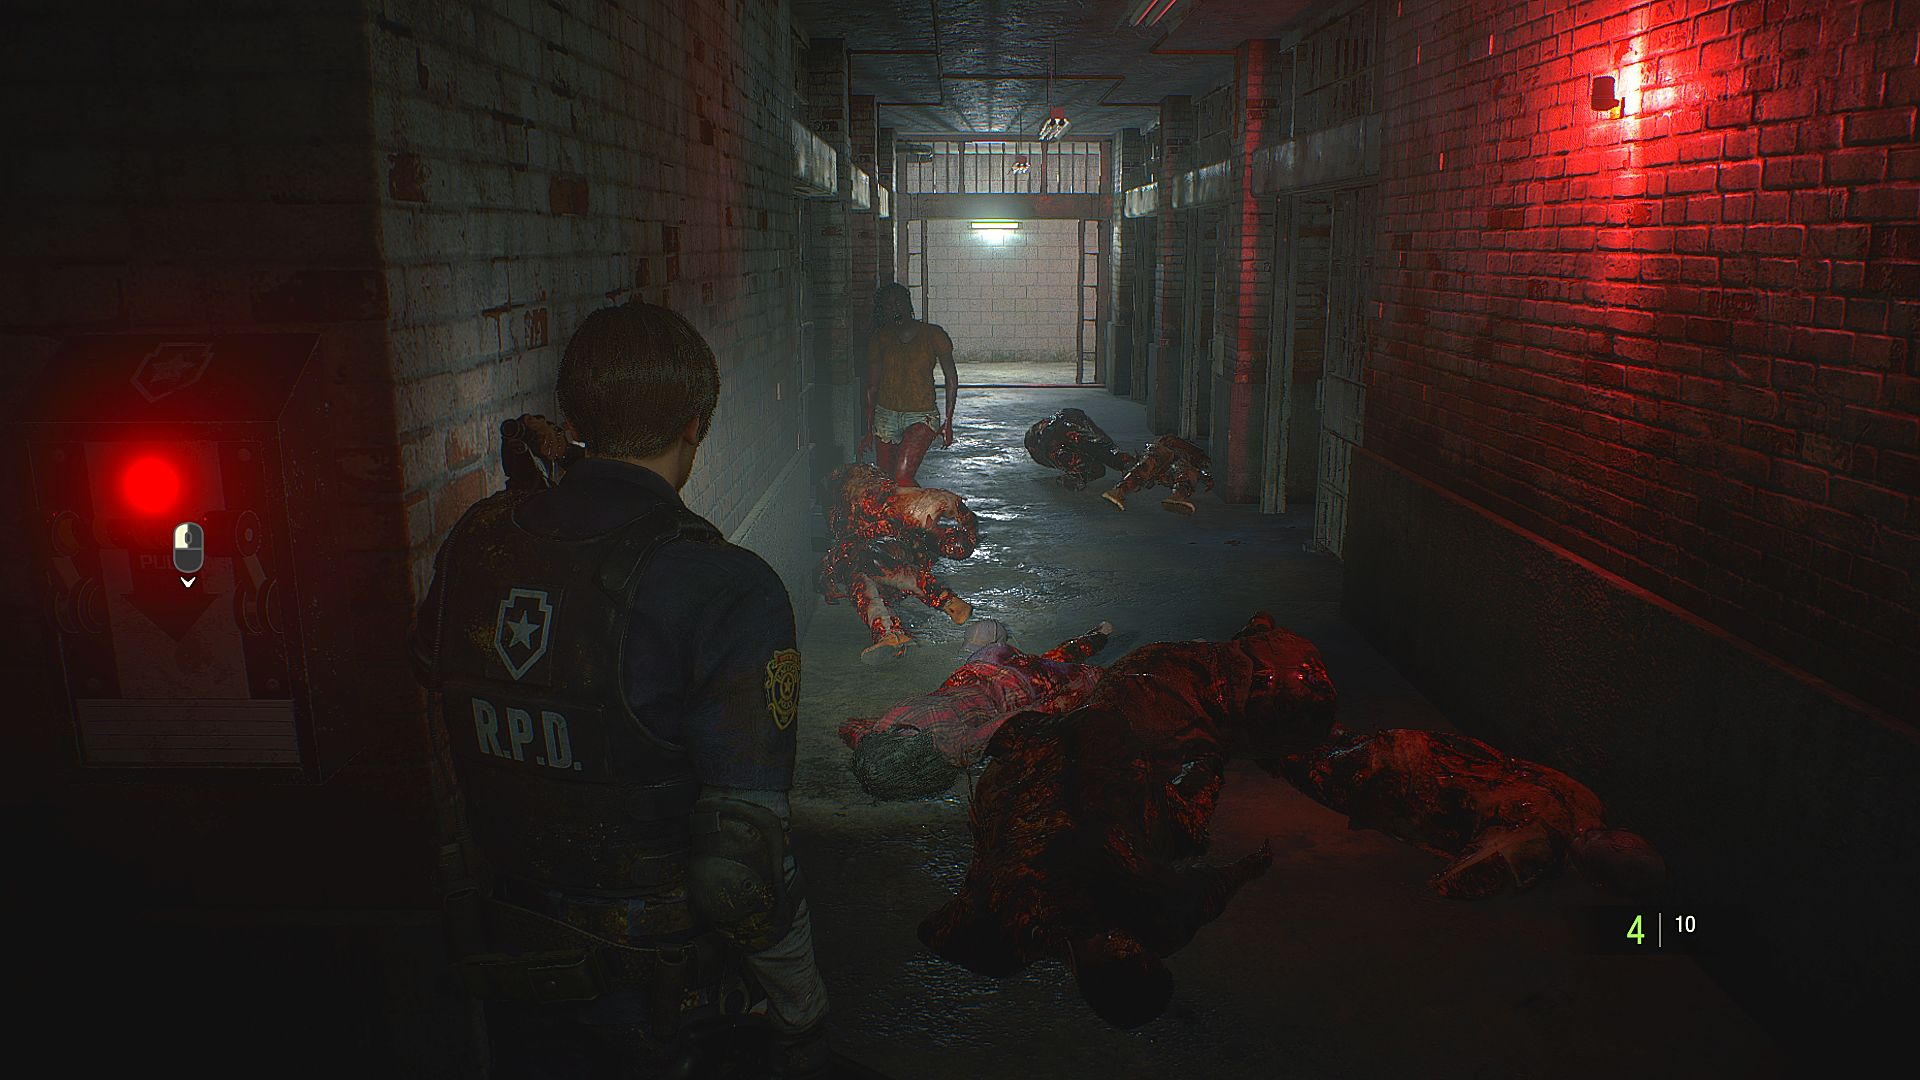 000125.Jpg - Resident Evil 2